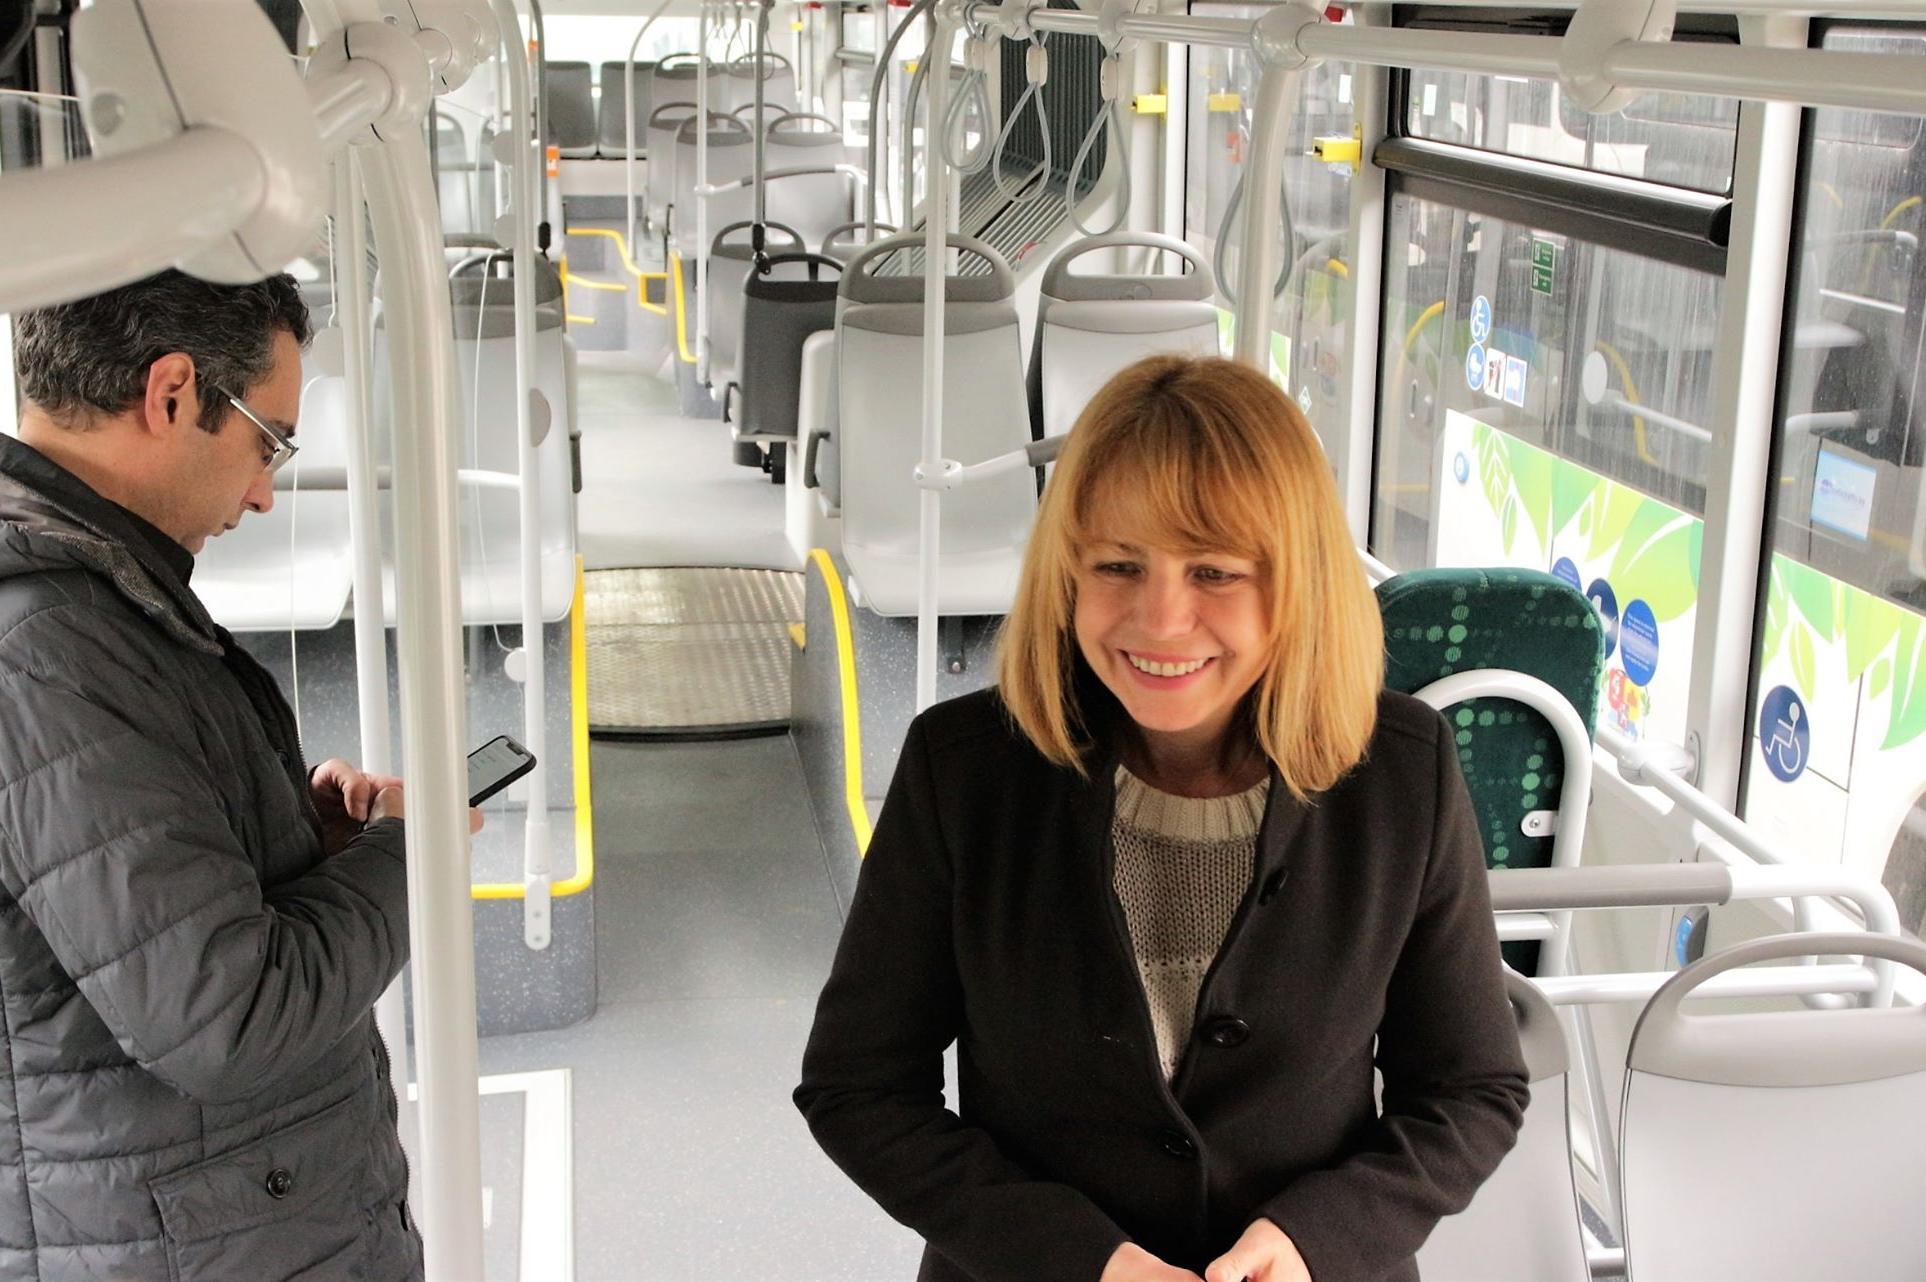 Нови автобуси на газ в гараж Земляне